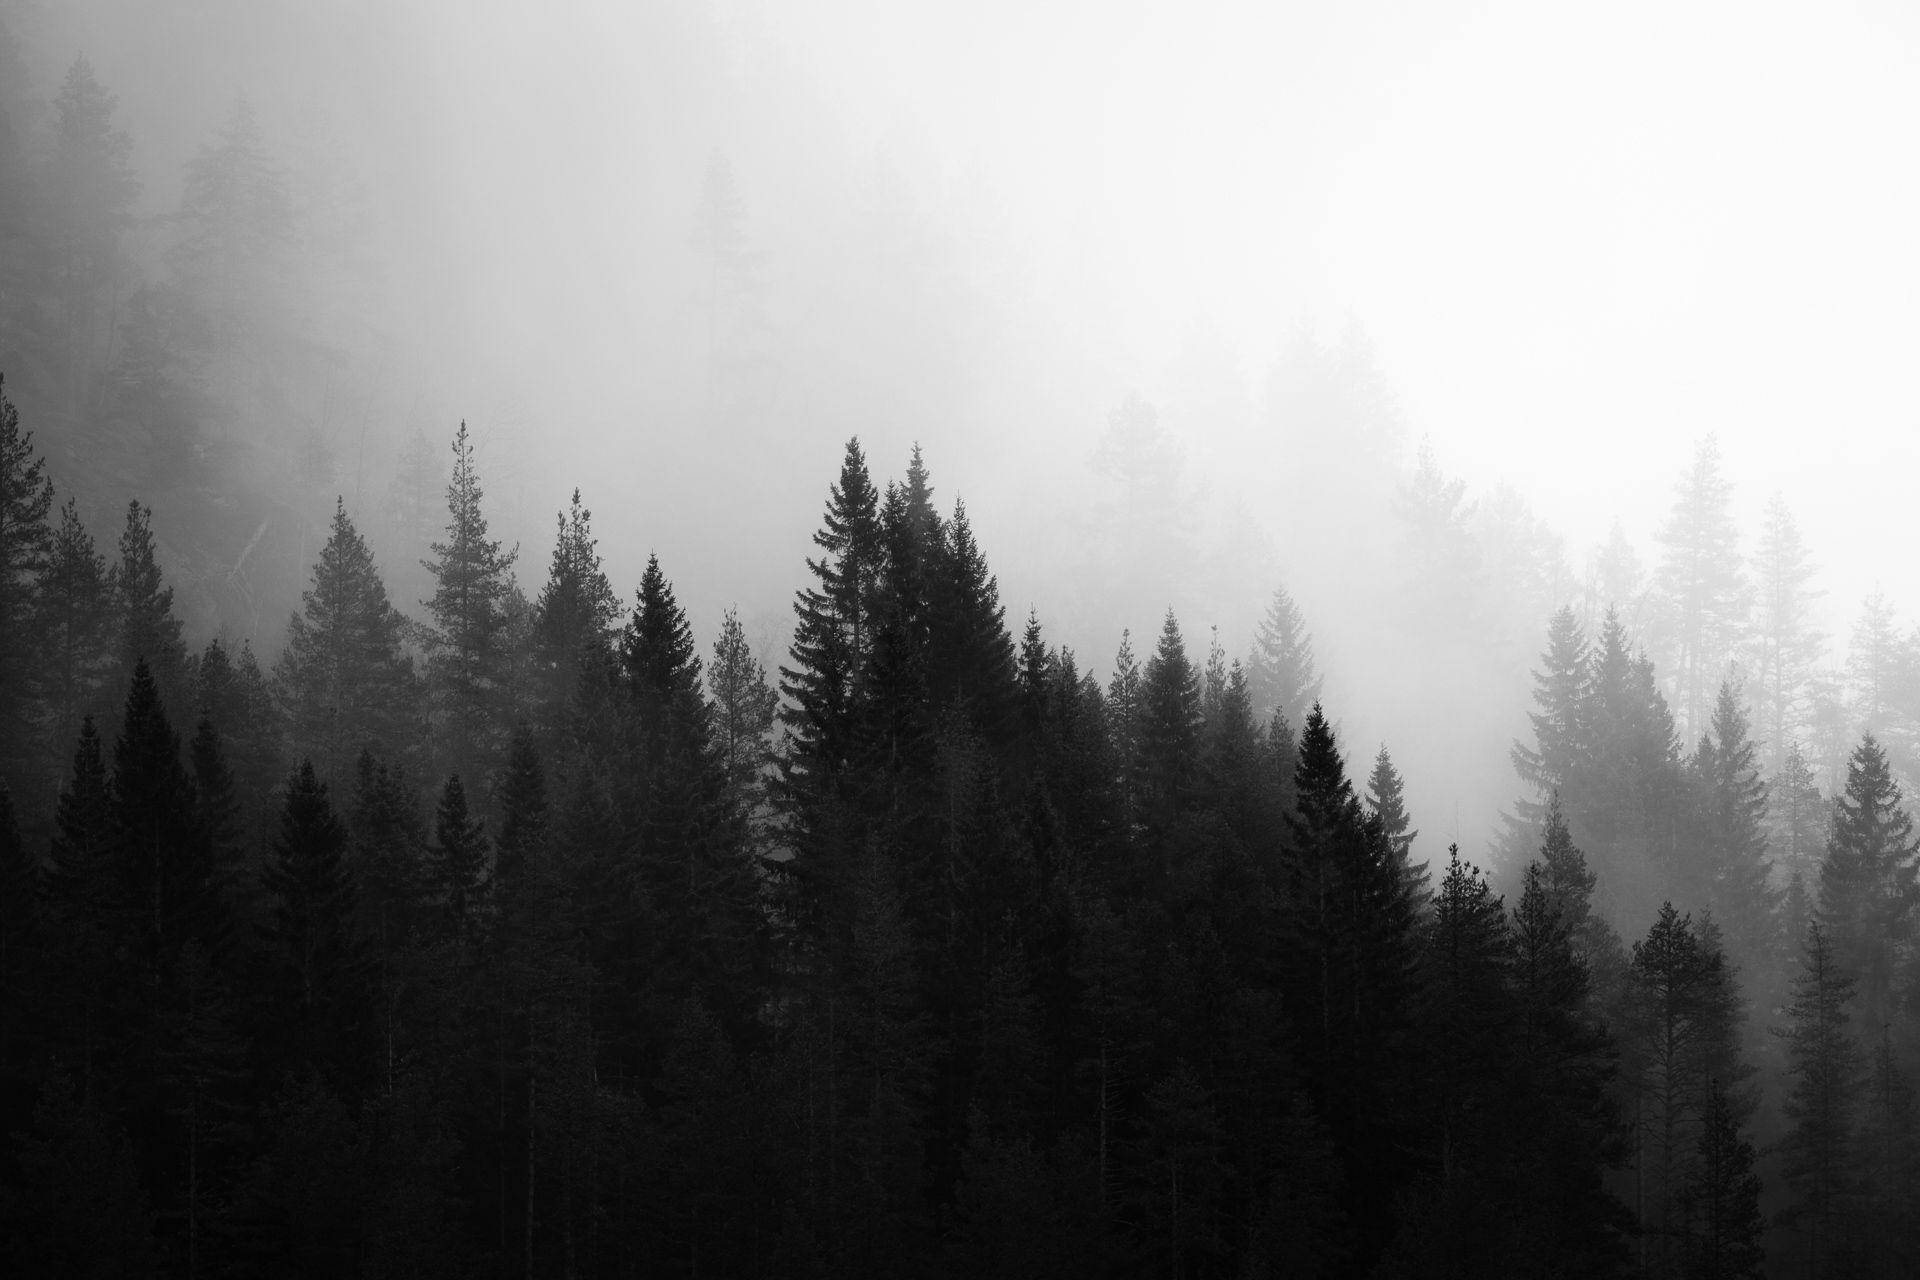 Black White Lightroom Presets For Desktop Mobile Dng Black And White Landscape Nature Photography Landscape Photography